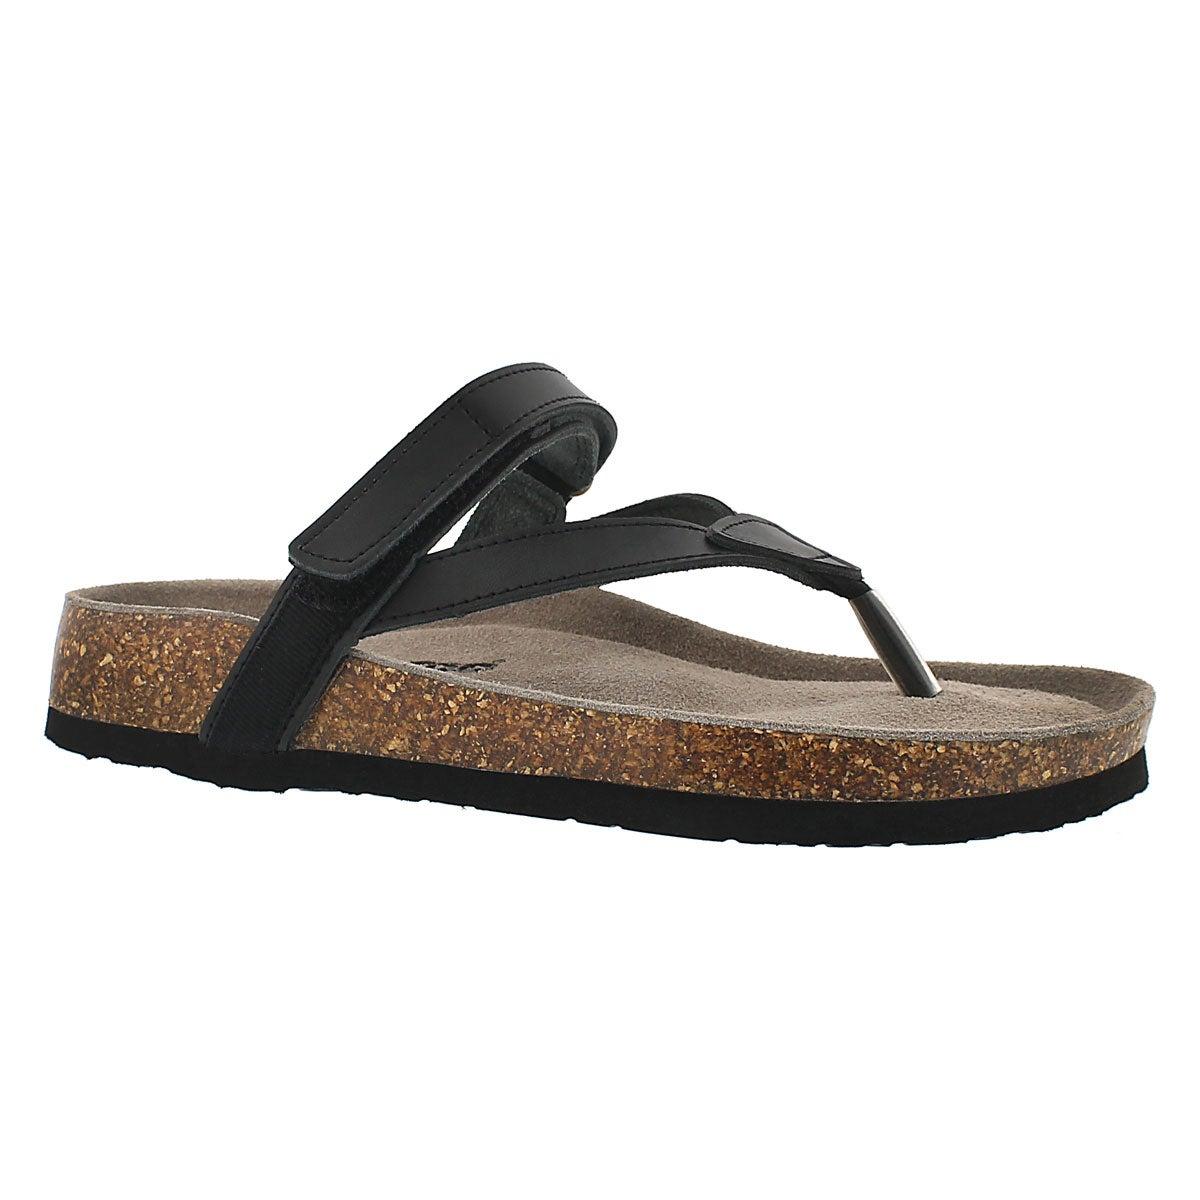 5e1101c7dd2c memory foam sandals womens sale   OFF77% Discounted